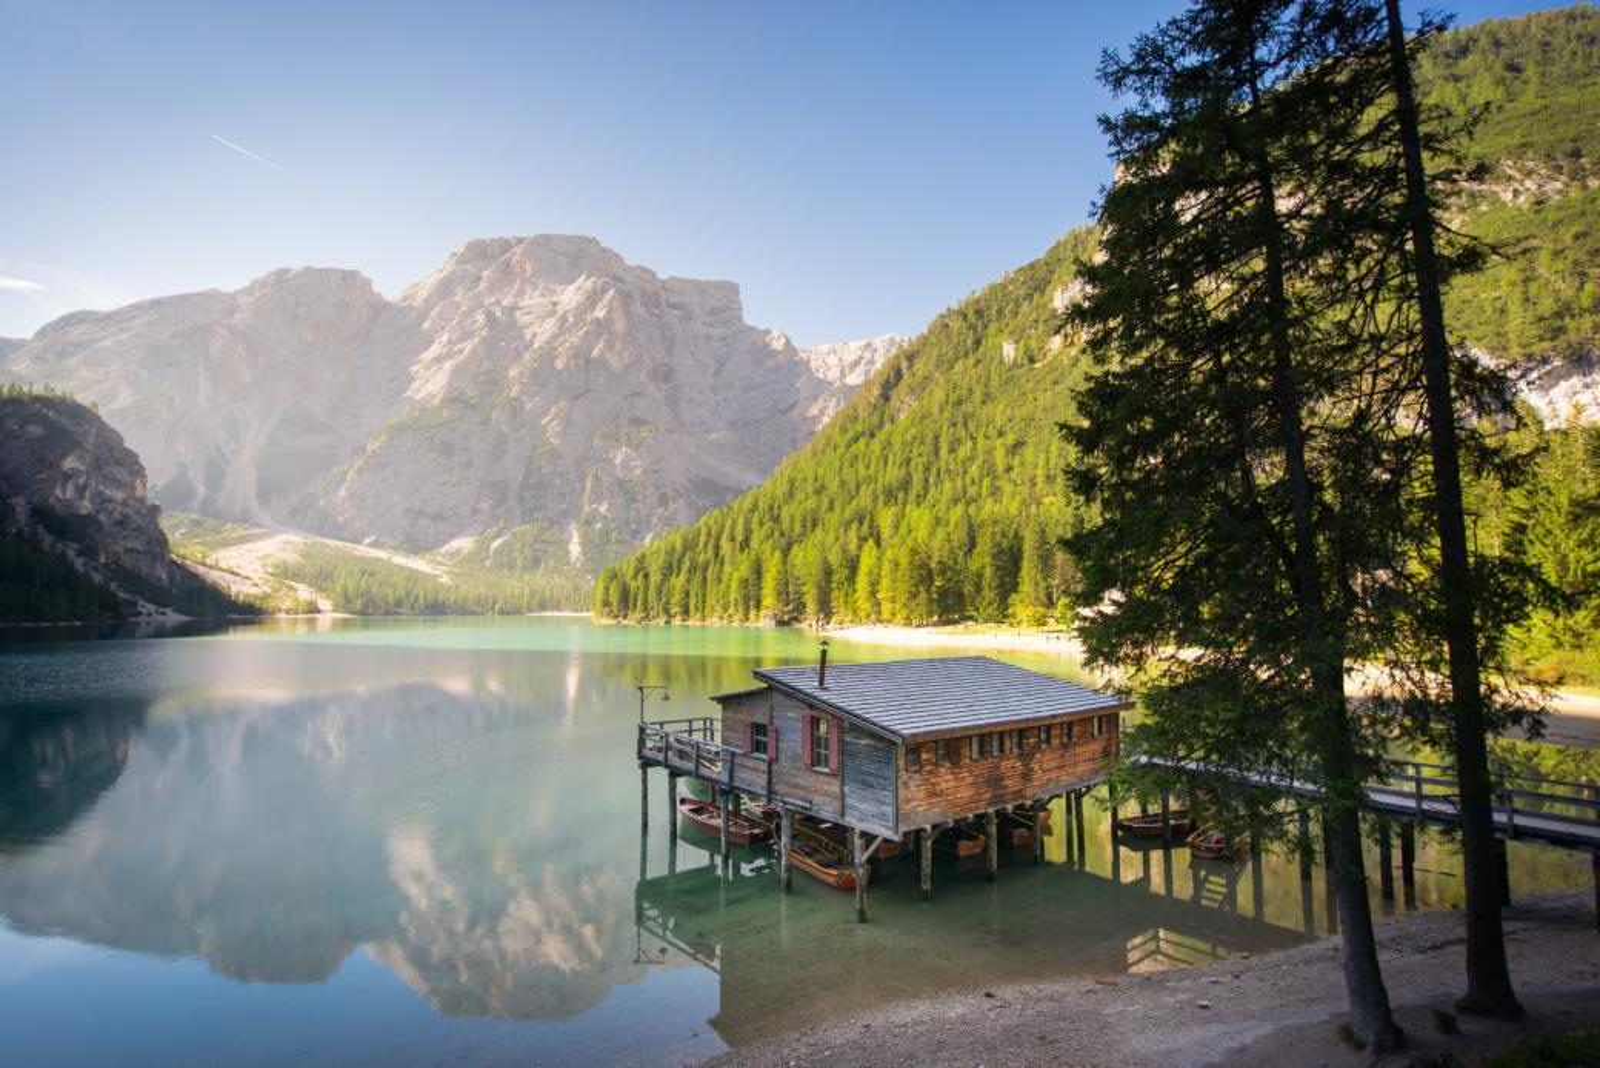 Sjön i Dolomiterna - Sjön Di Braies i de italienska Dolomiterna (10×10)